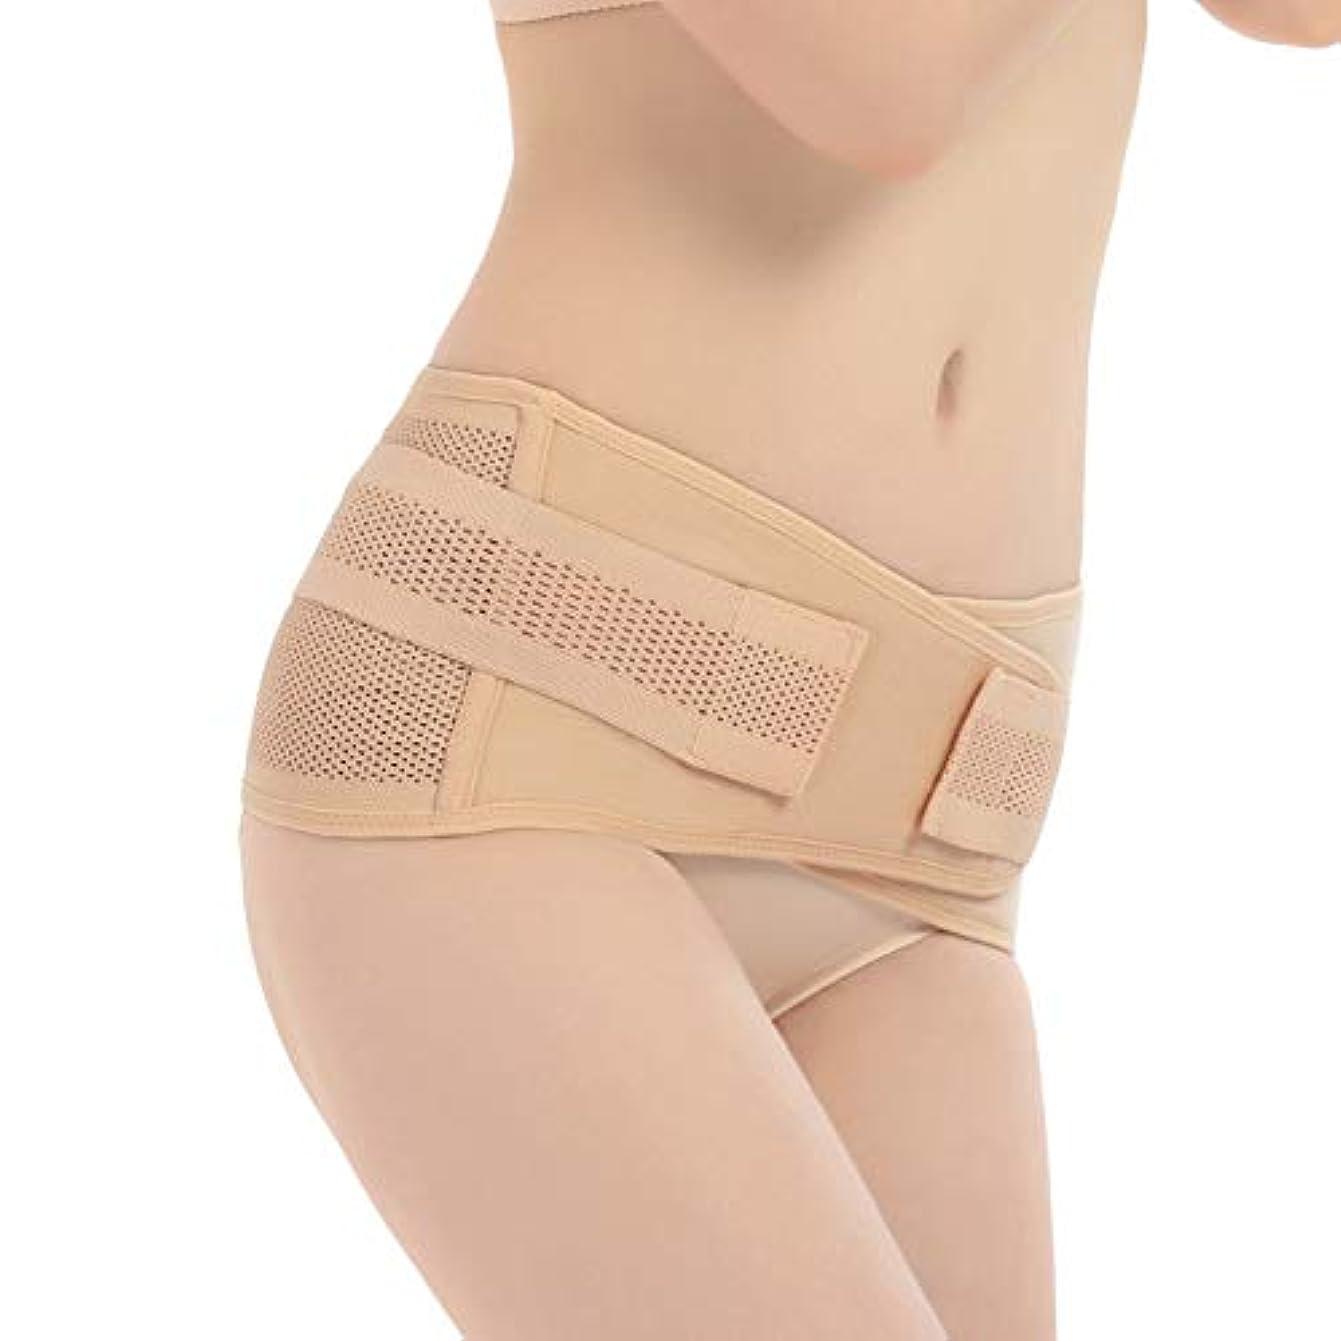 Funtoget 妊娠中の女性産後骨盤正しいベルト腹巻き取る骨盤骨盤整形外科用ベルト